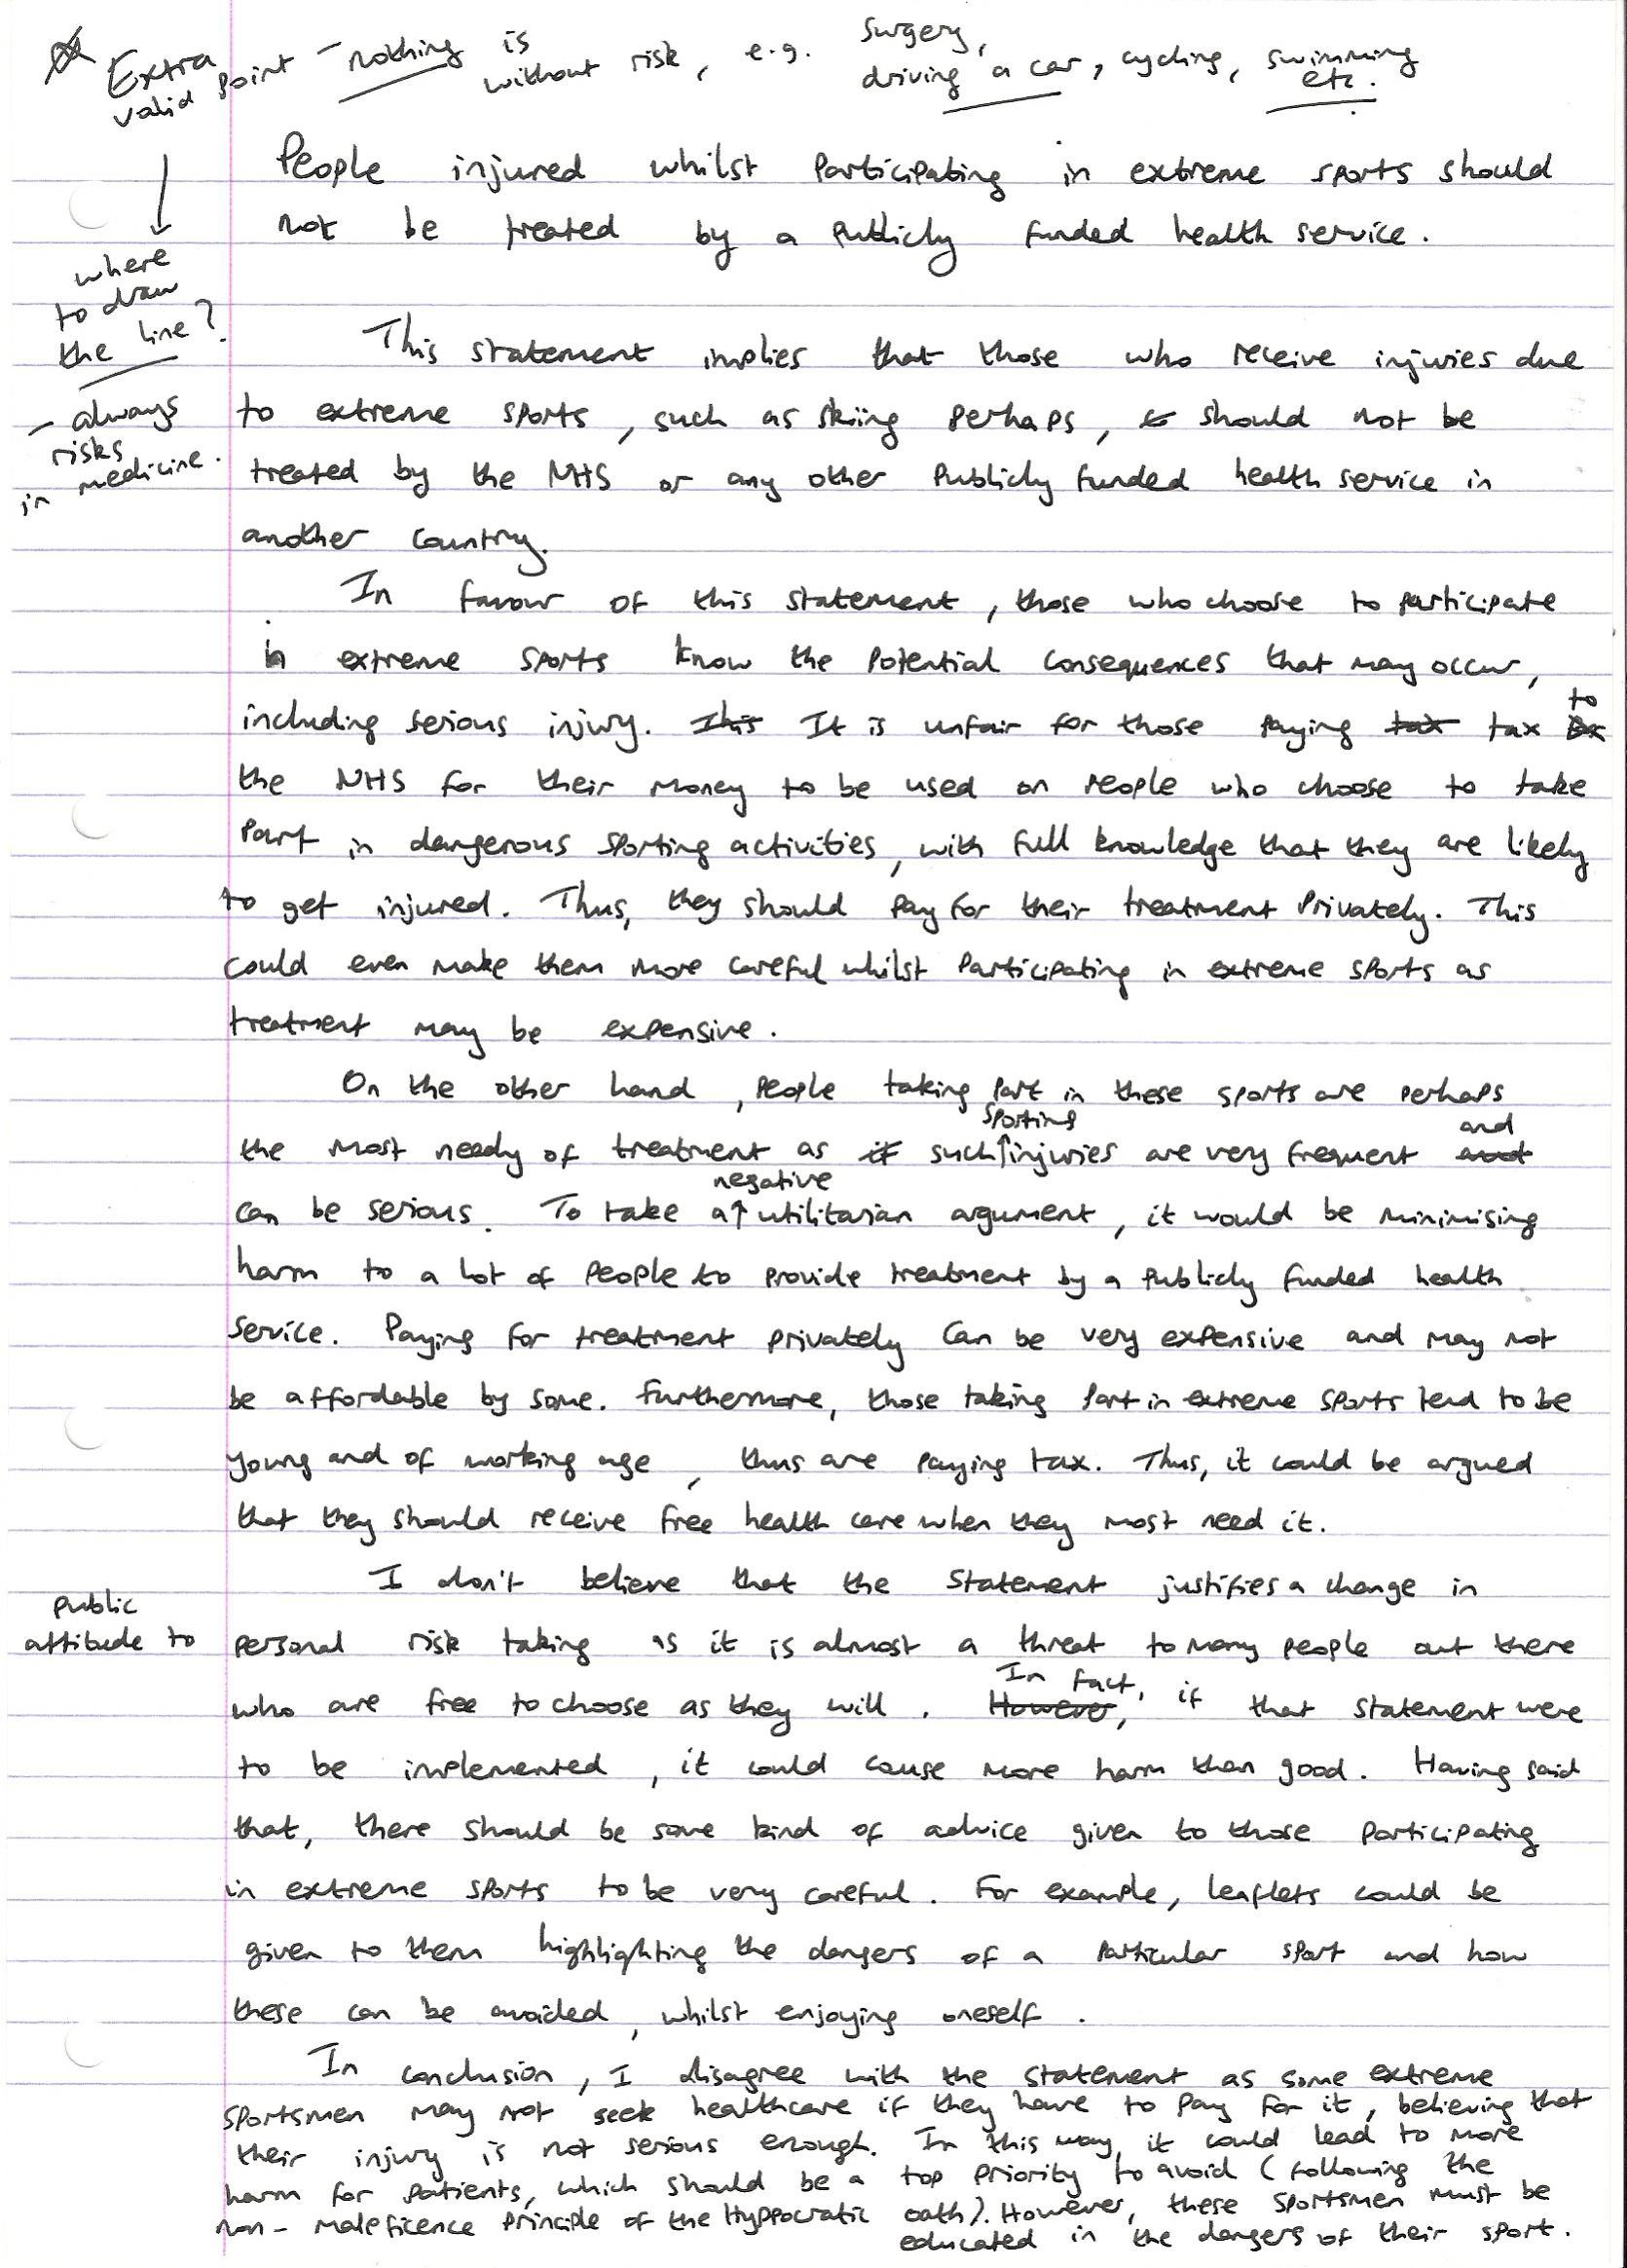 Bmat 5a essay